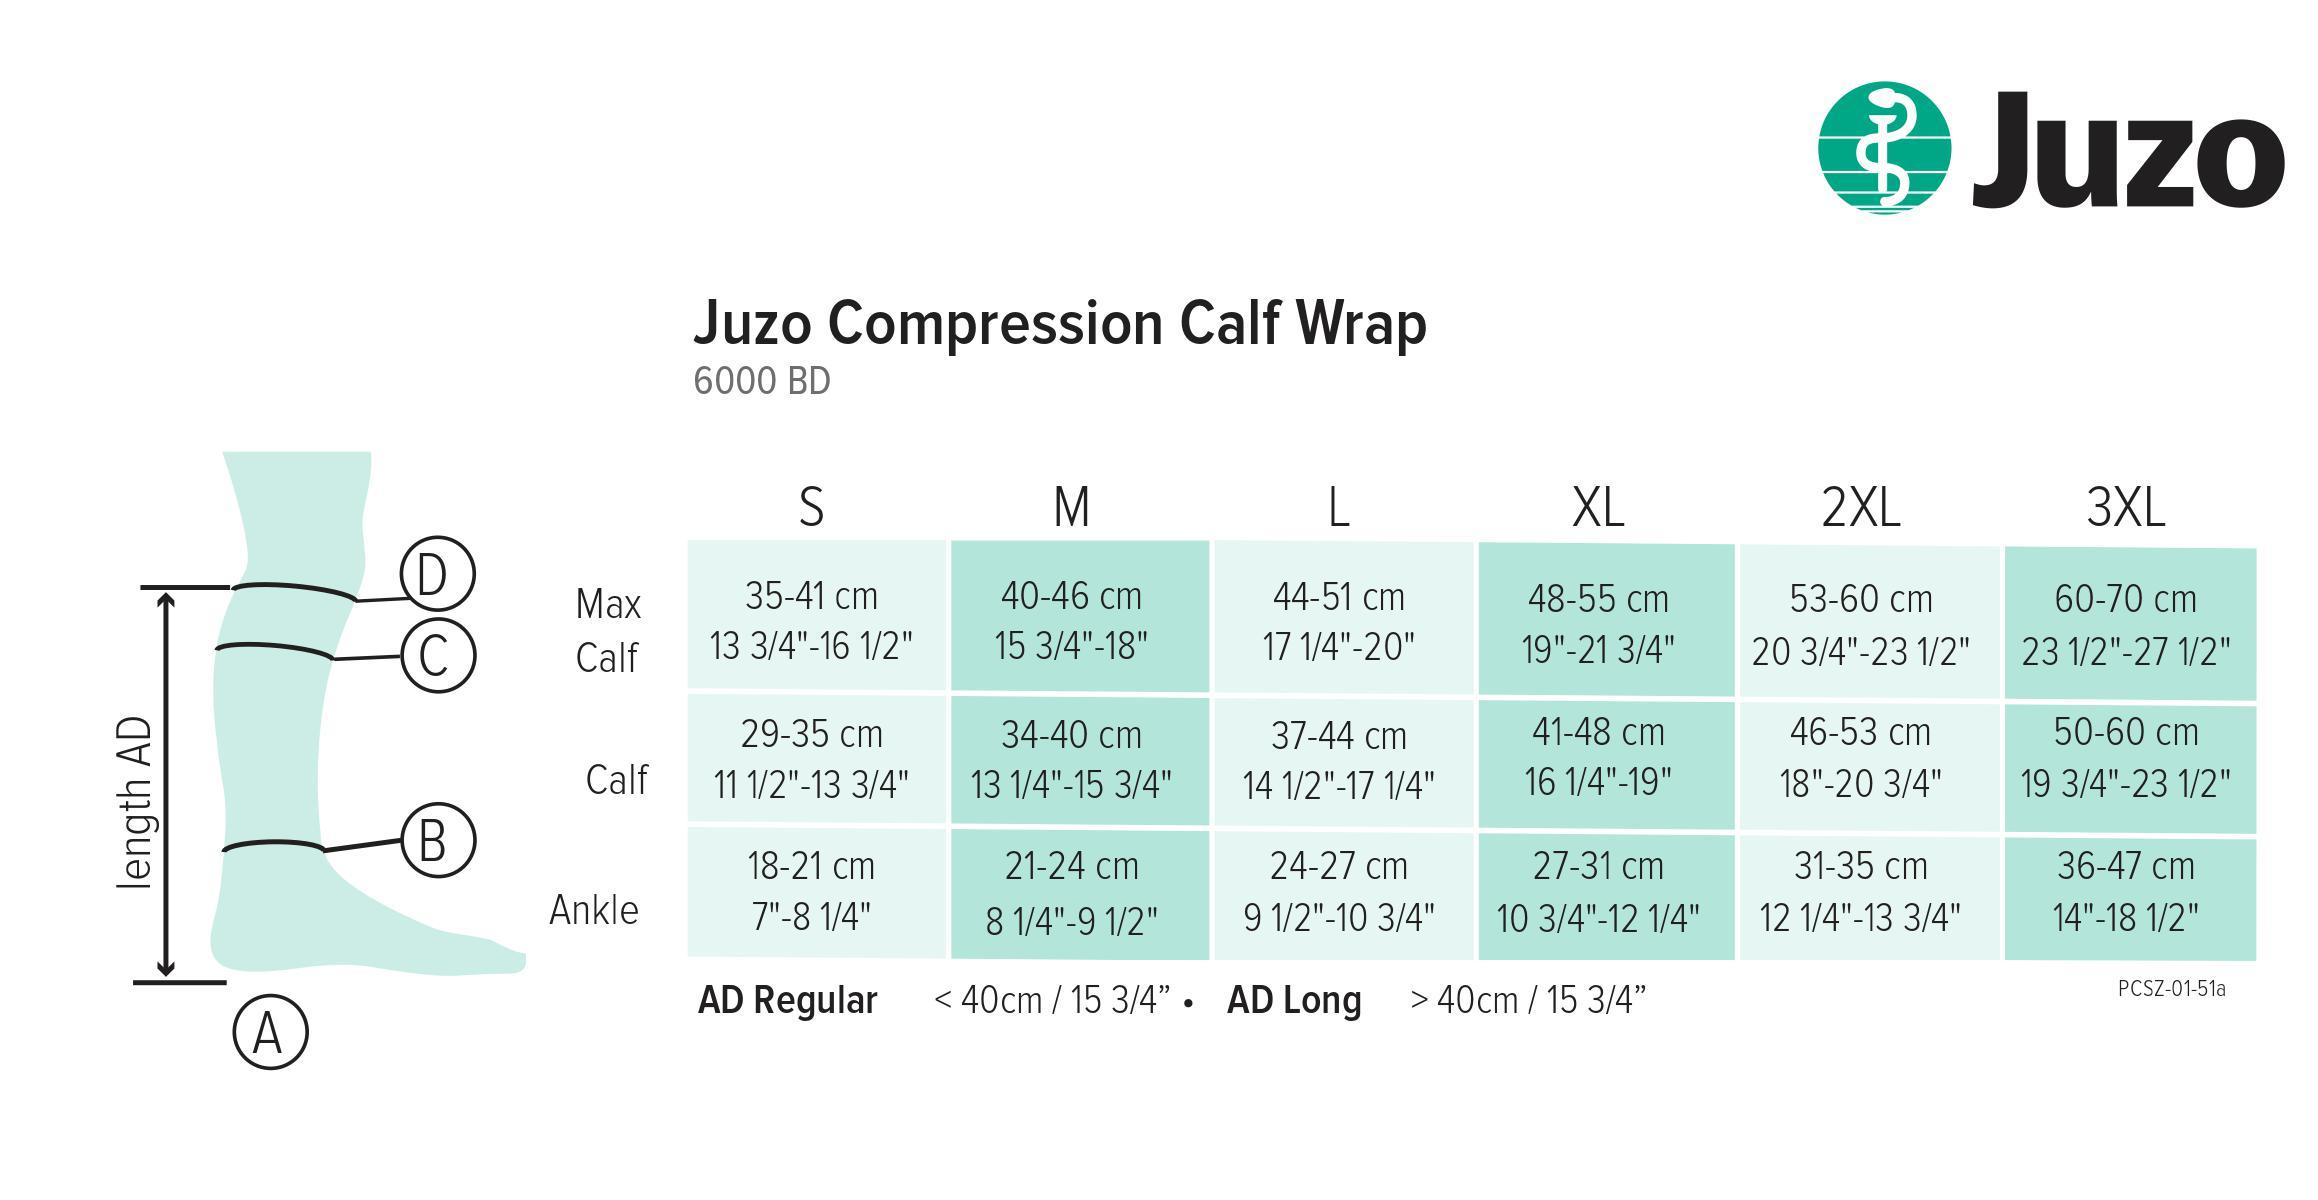 juzo-calf-wrap-.jpg